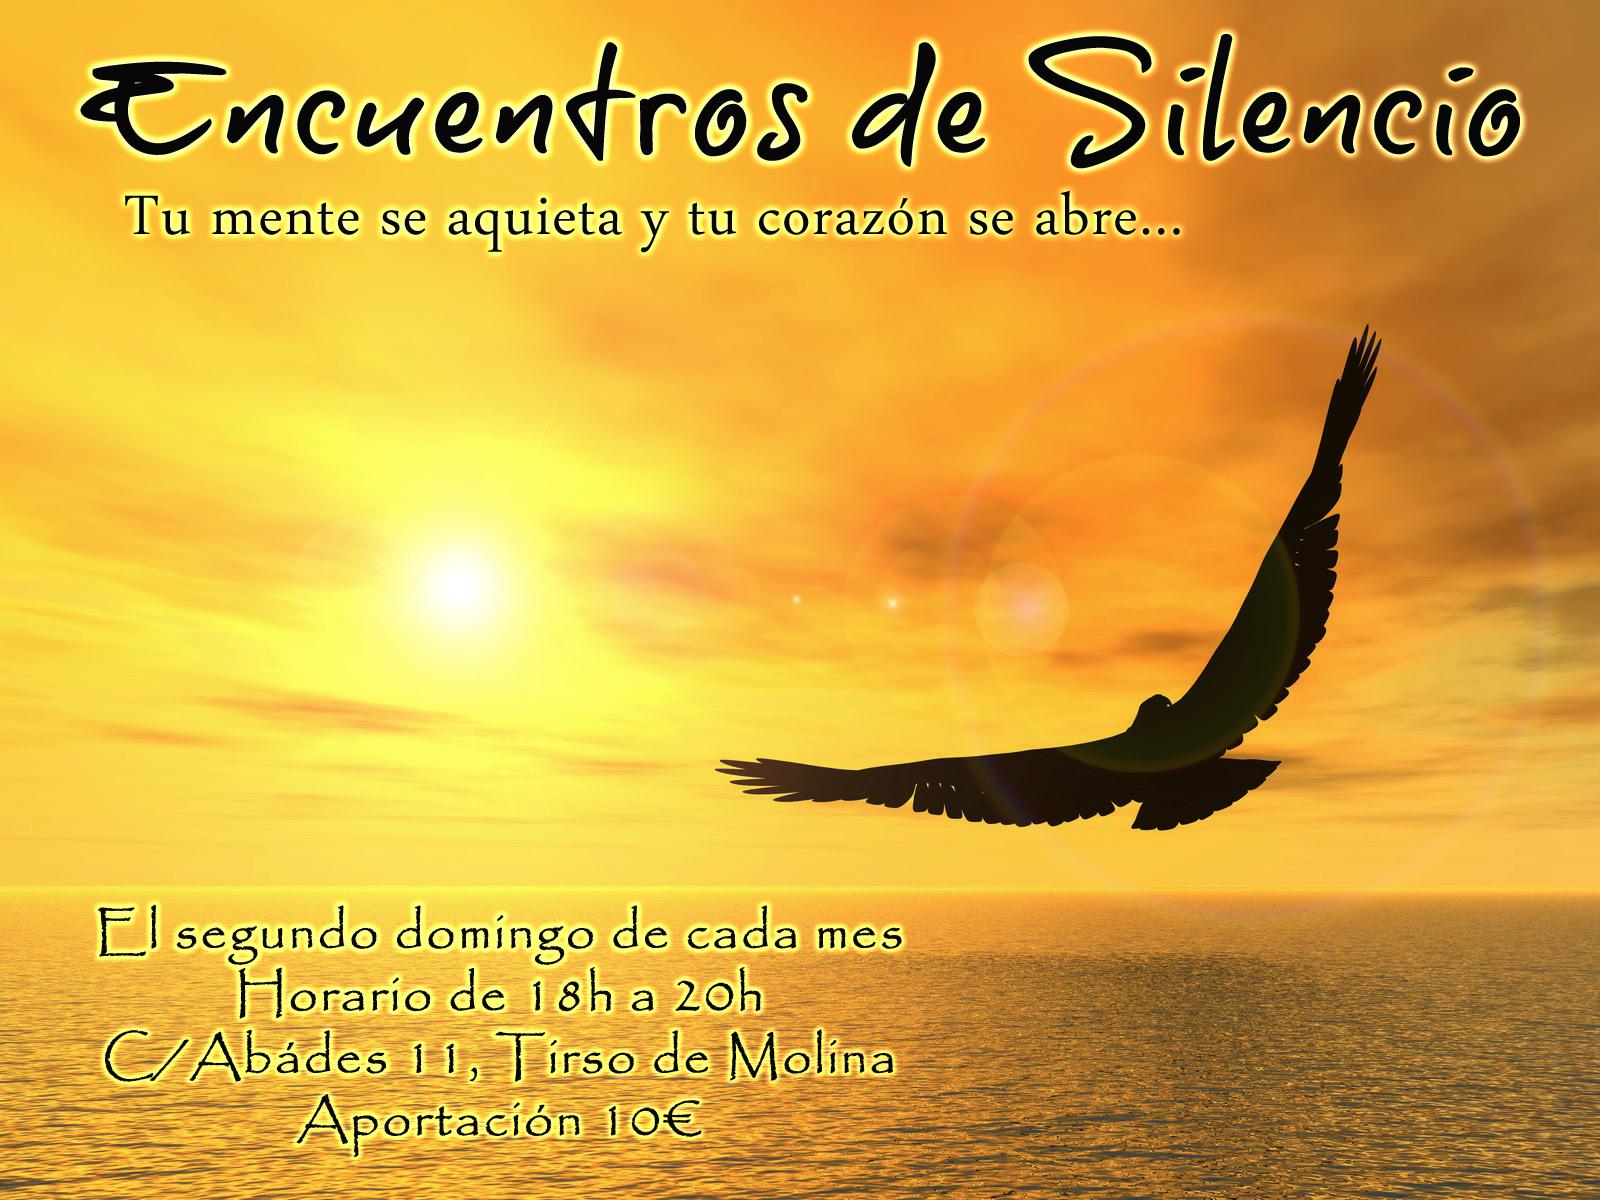 Encuentros Silencio